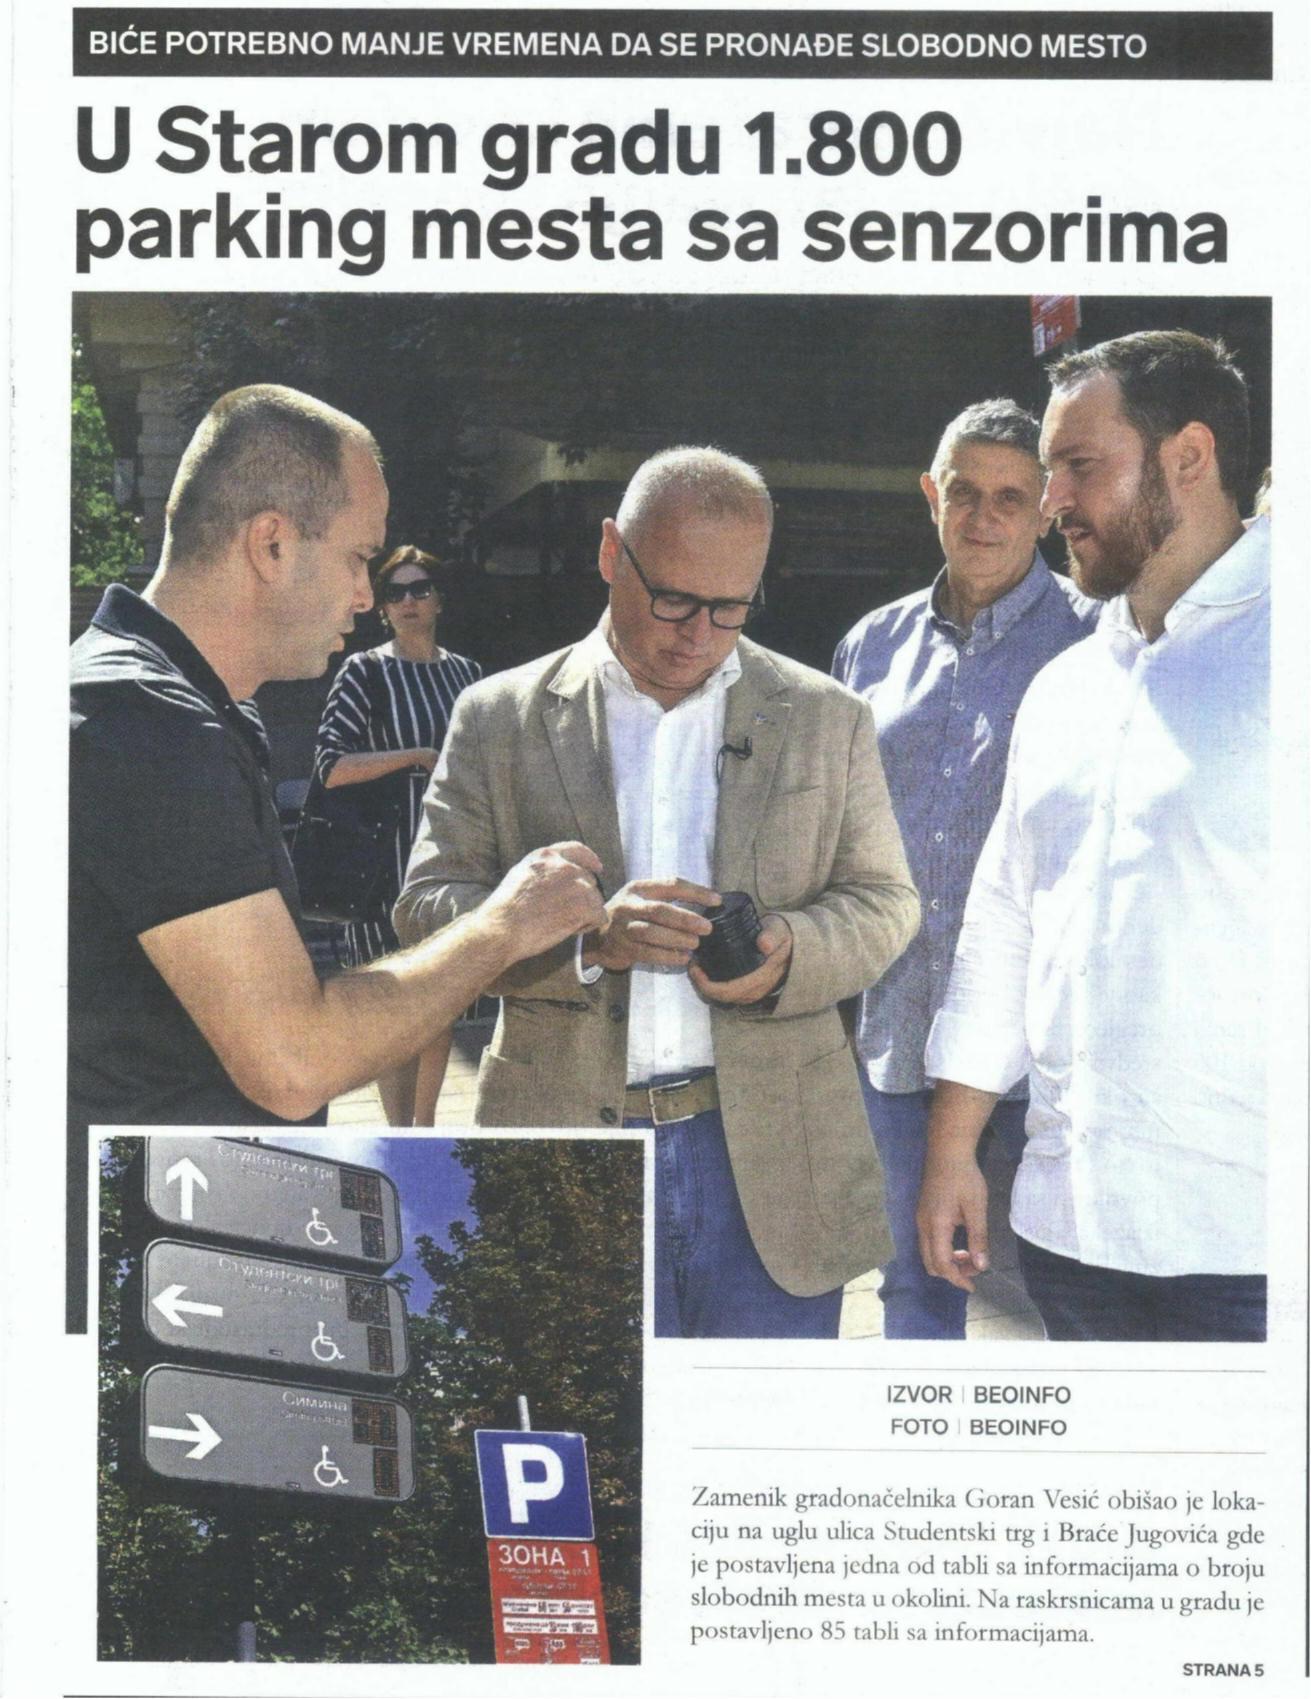 u-starom-gradu-1800-parking-mesta-sa-senzorima-24-sata-13082021-0